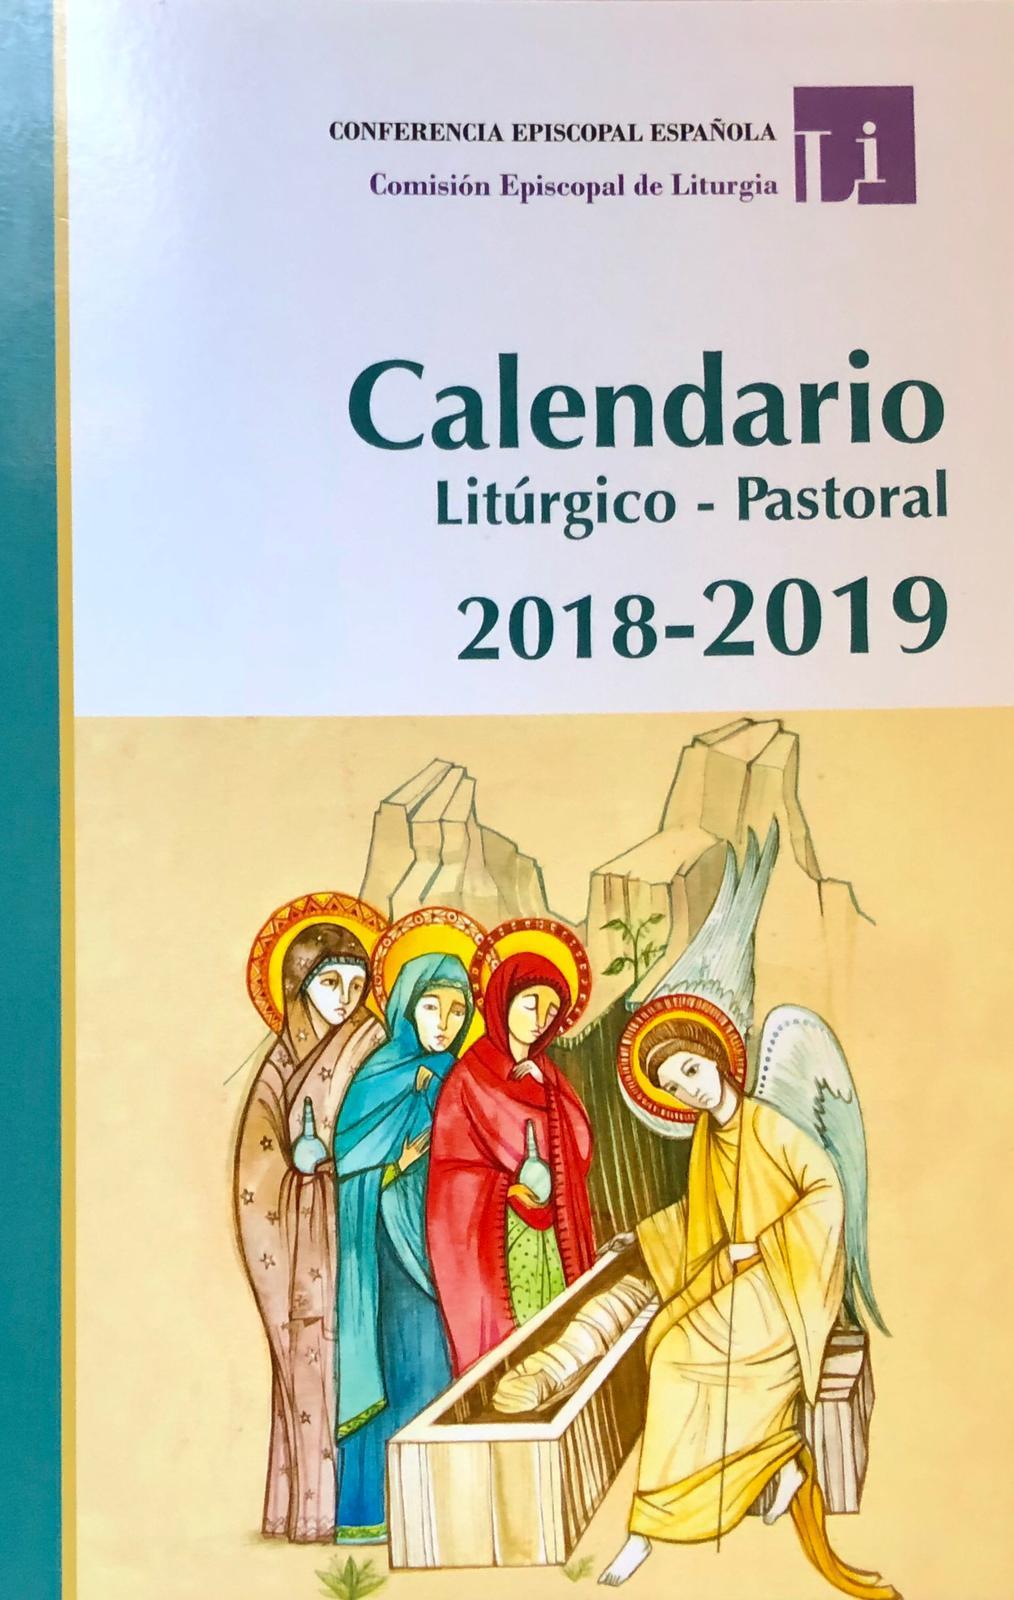 2019, TIEMPO ORDINARIO, Ciclo C